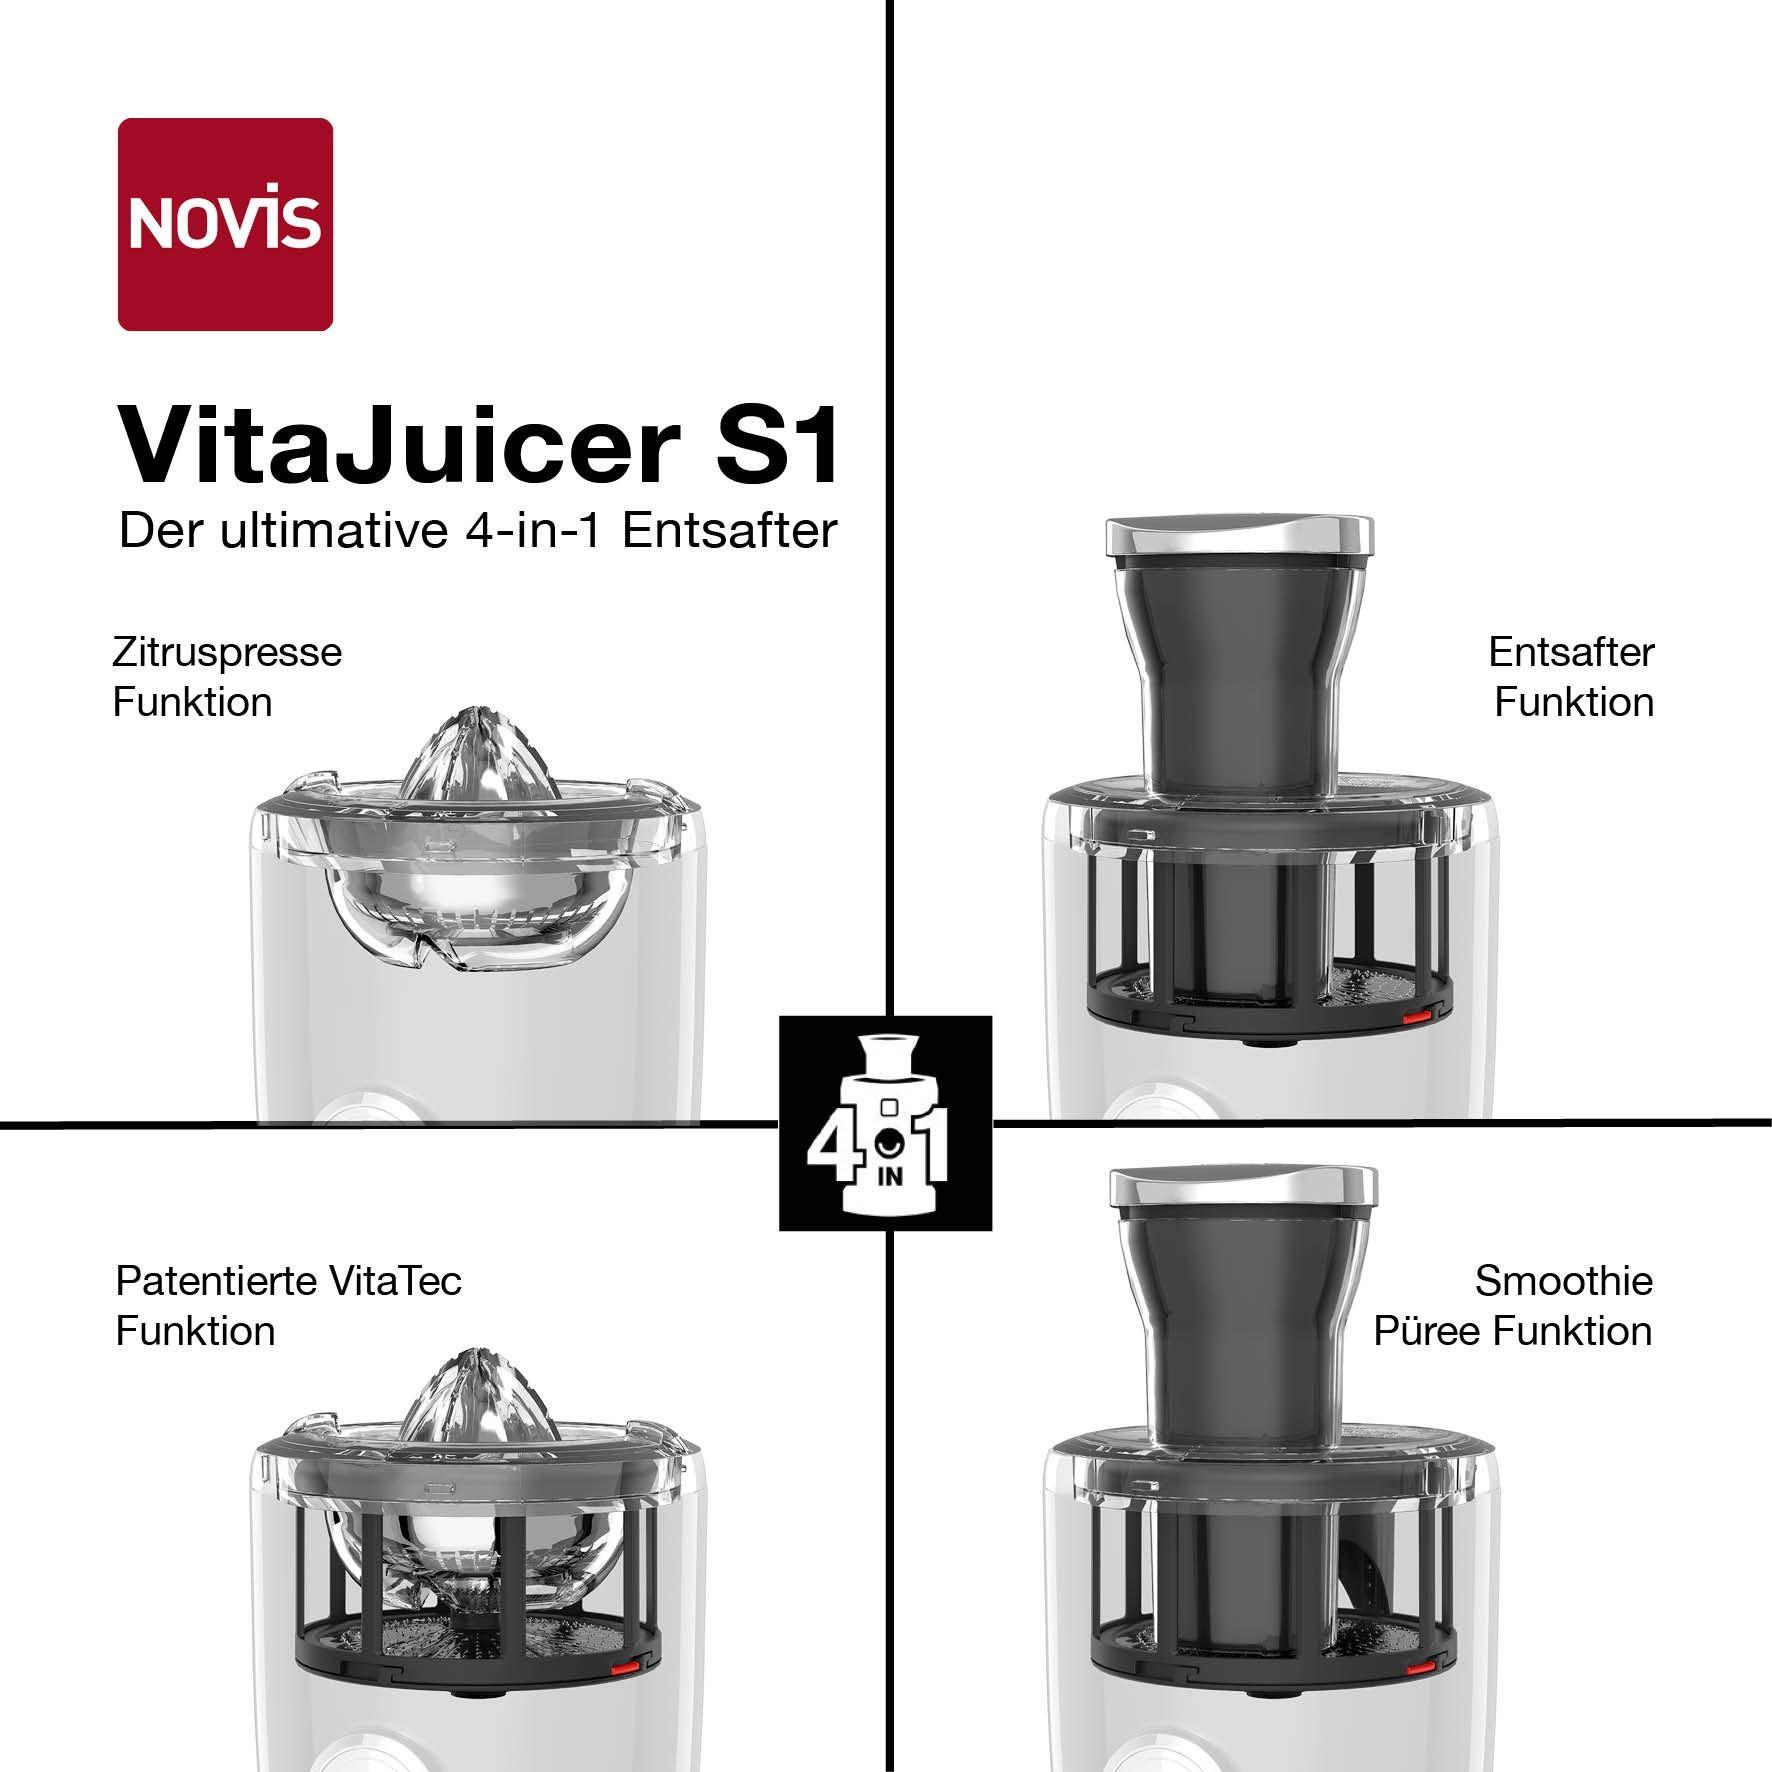 Novis VitaJuicer S1 - rot